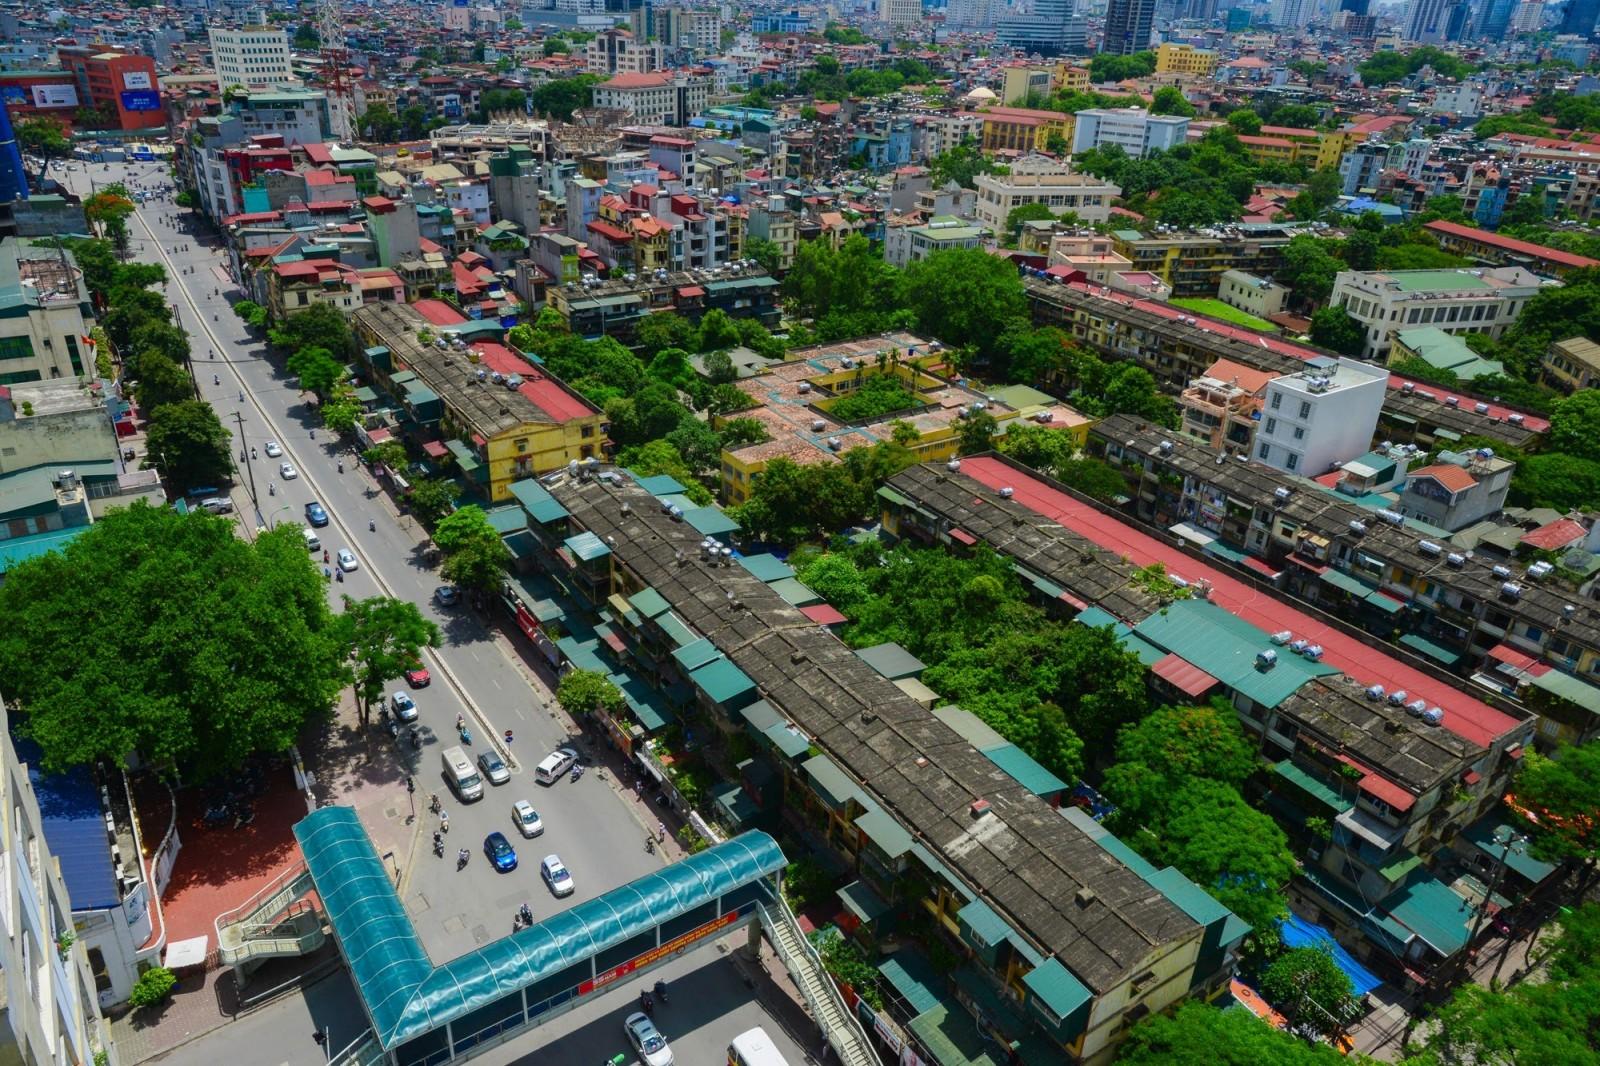 Bên cạnh những khu đô thị mới hiện đại, vẫn xuất hiện những khu dân cư, những khu làng xã.